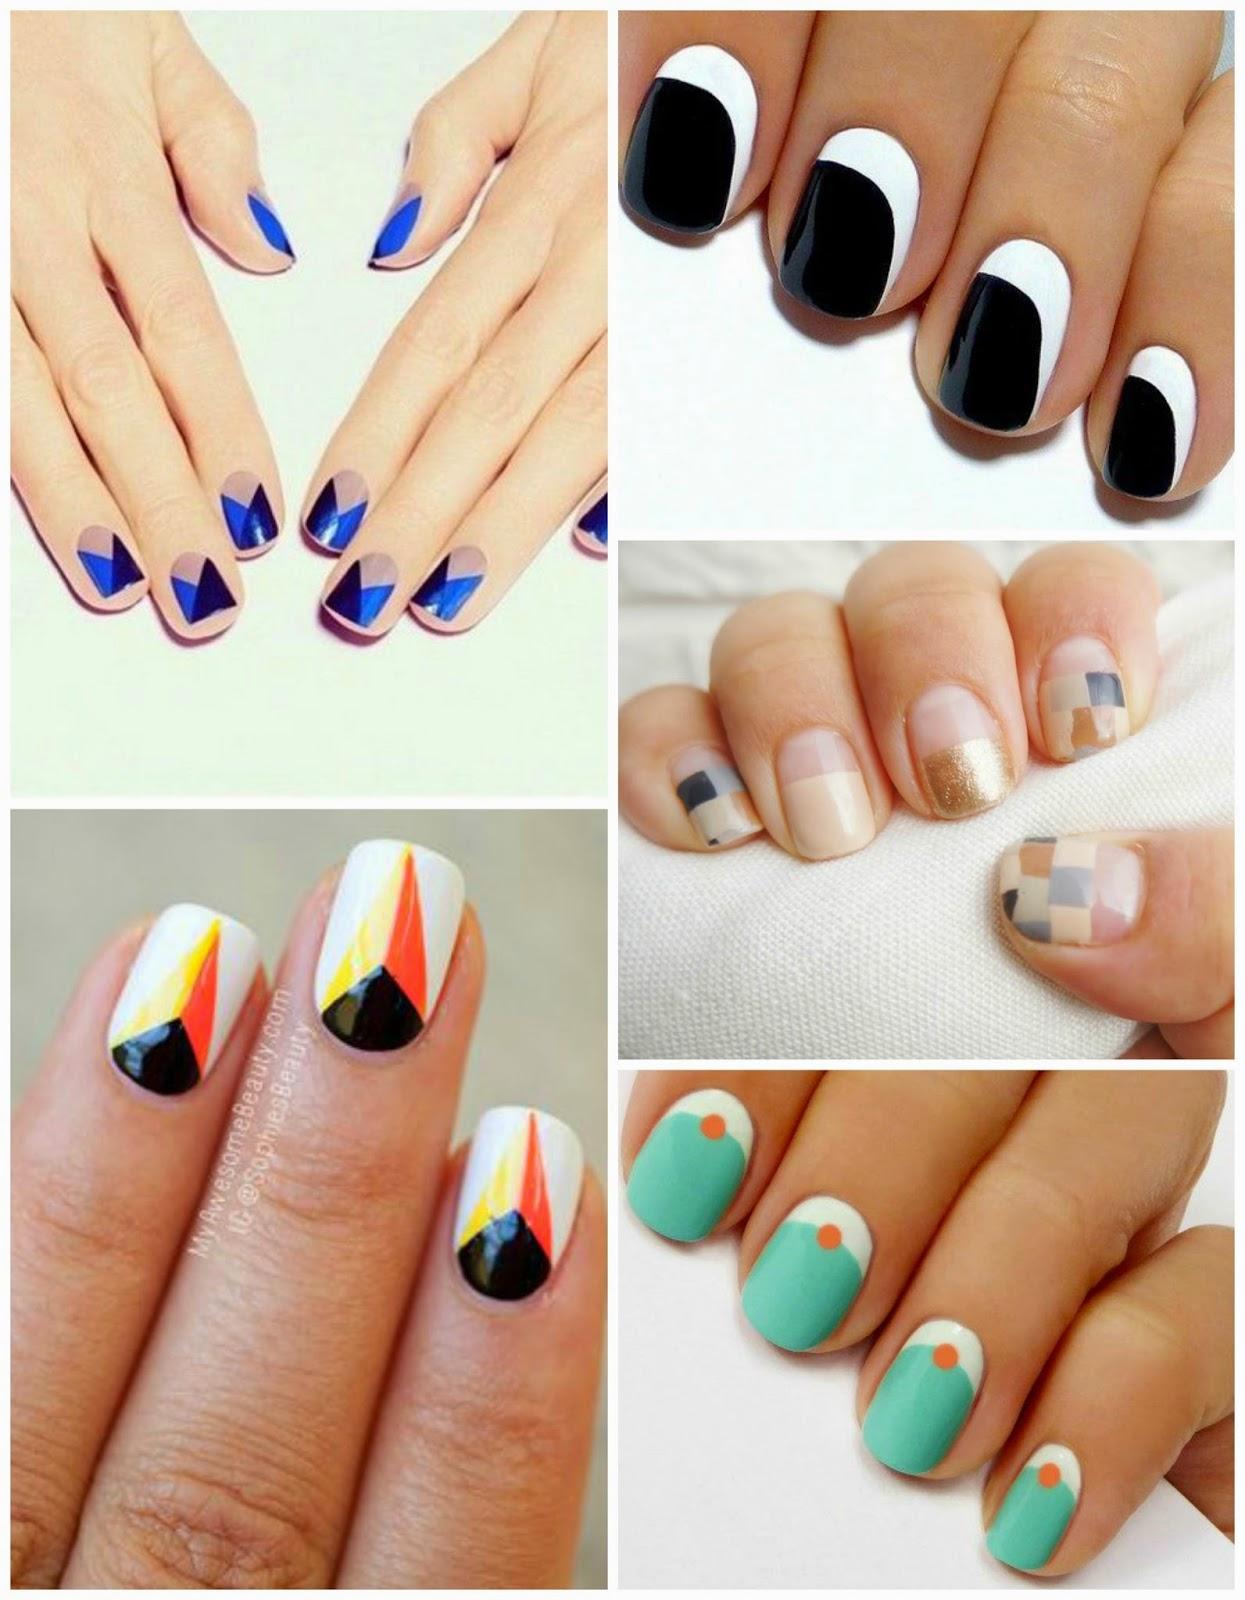 Geometric Nail Art - Kelly Platts: Geometric Nail Art